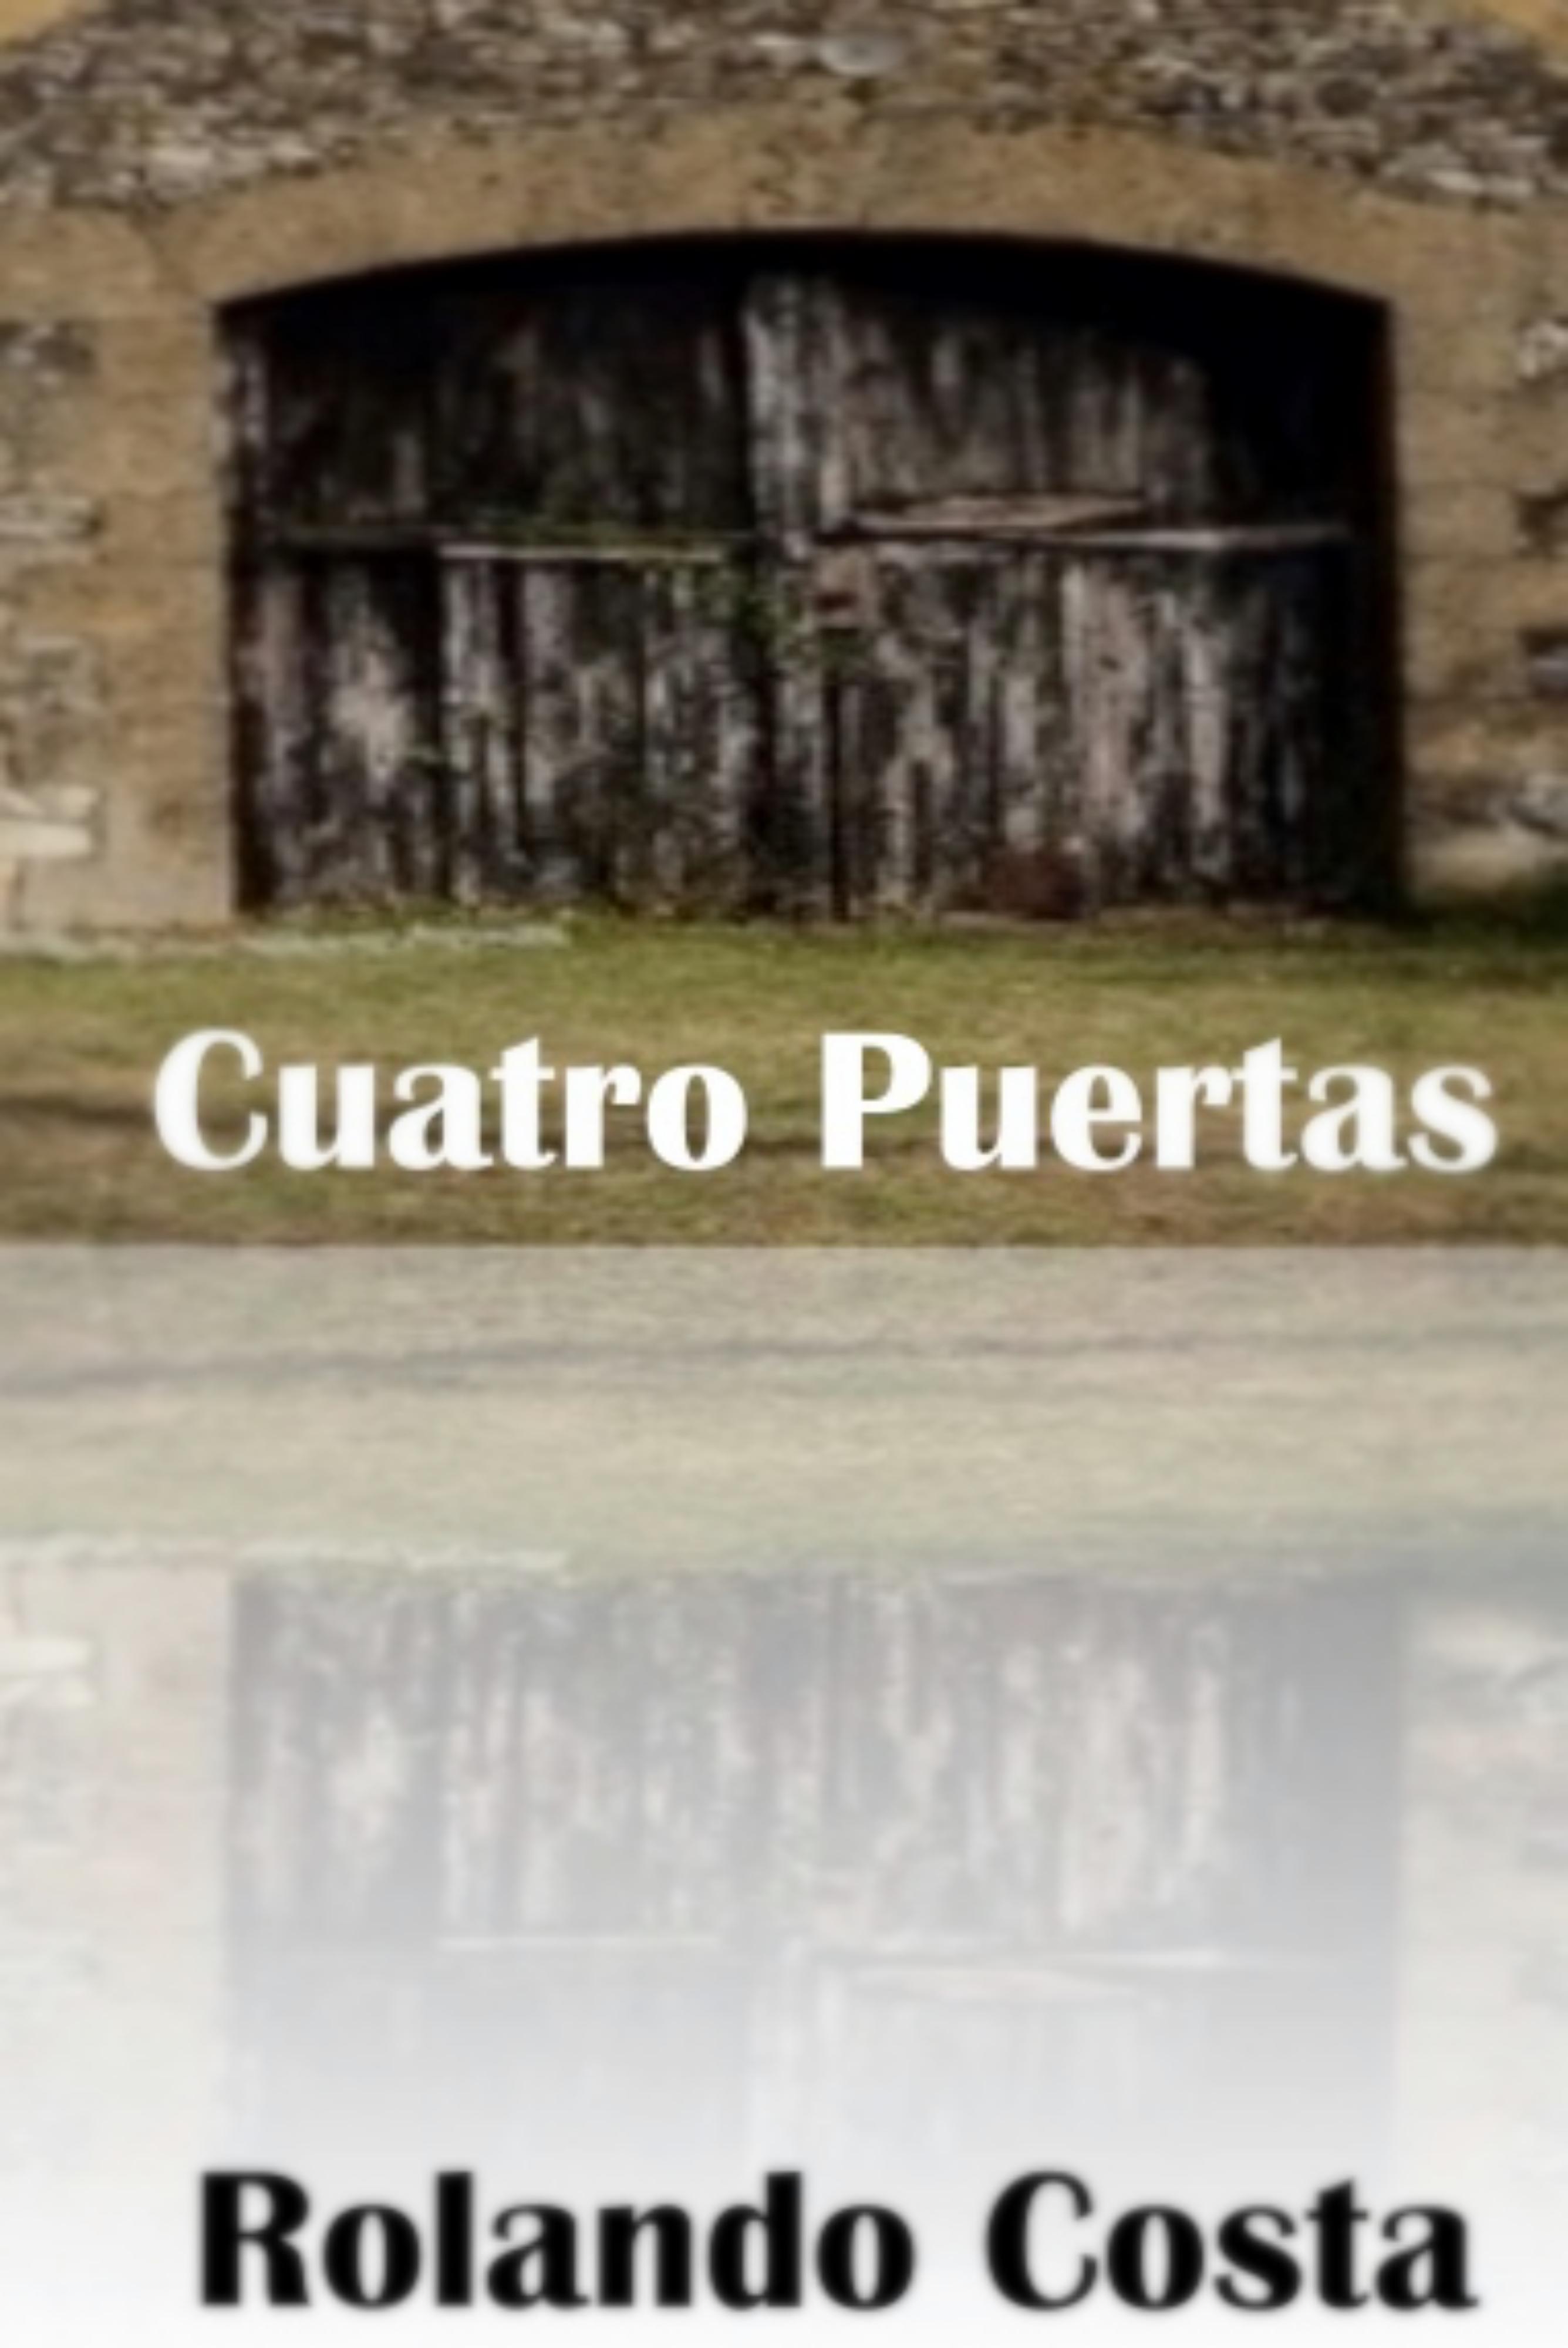 Cuatro Puertas Rolando Costa